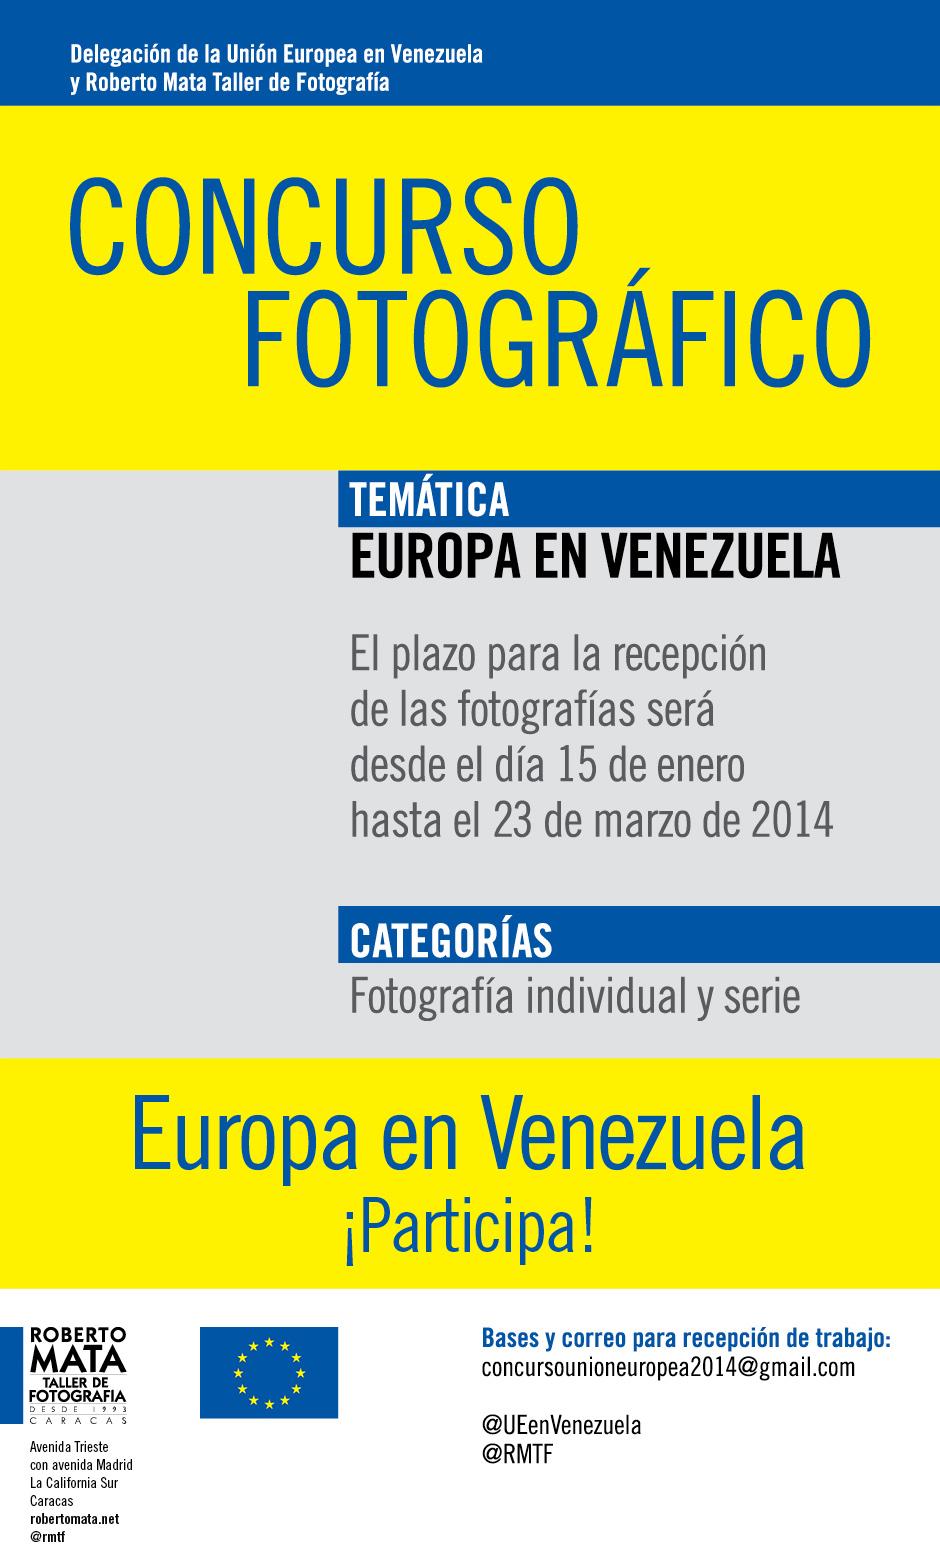 Concurso de Fotografía Europa en Venezuela